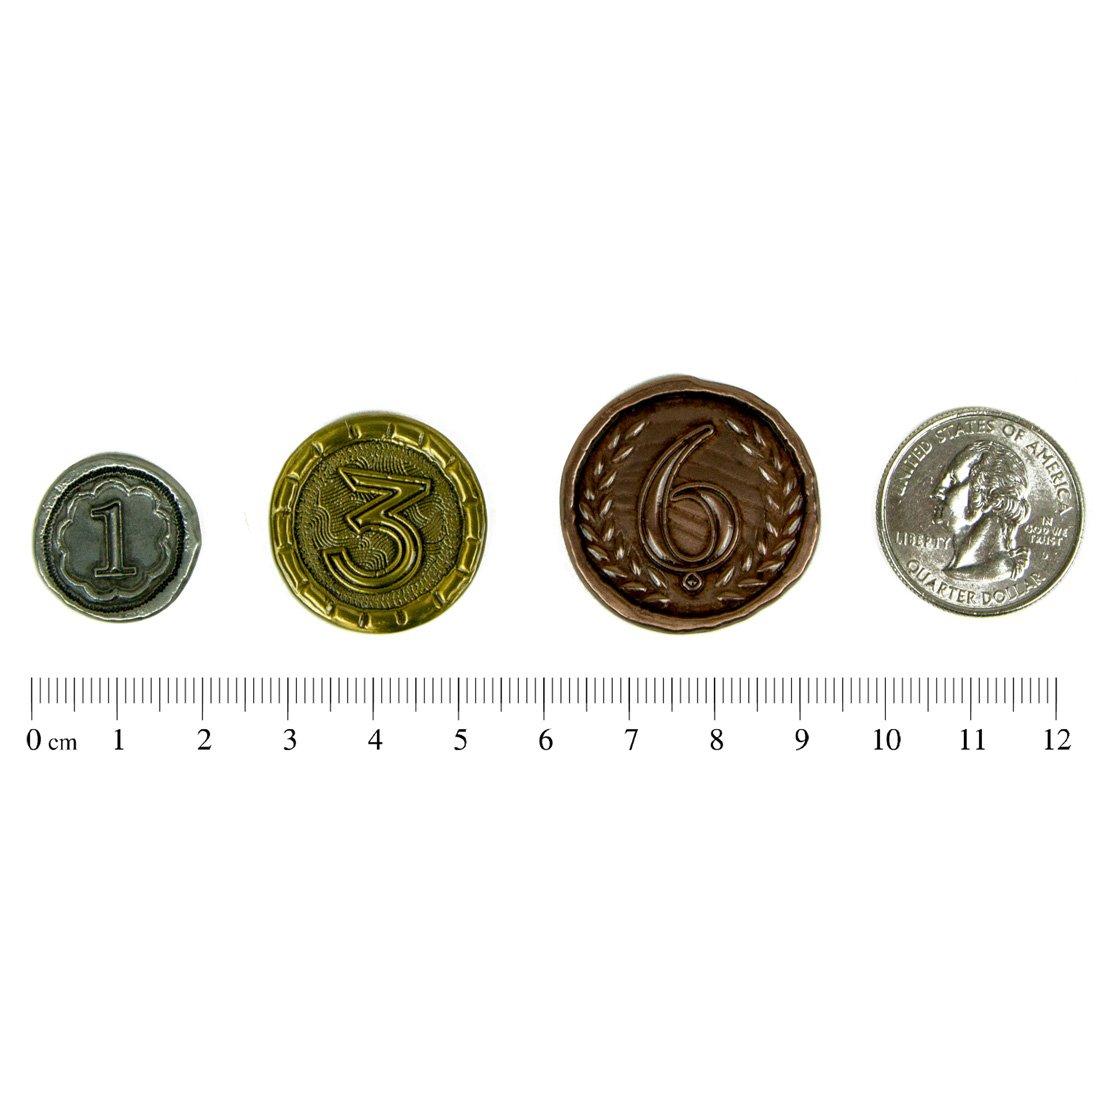 The Broken Token Wondrous Metal Coins for 7 Wonders (57)